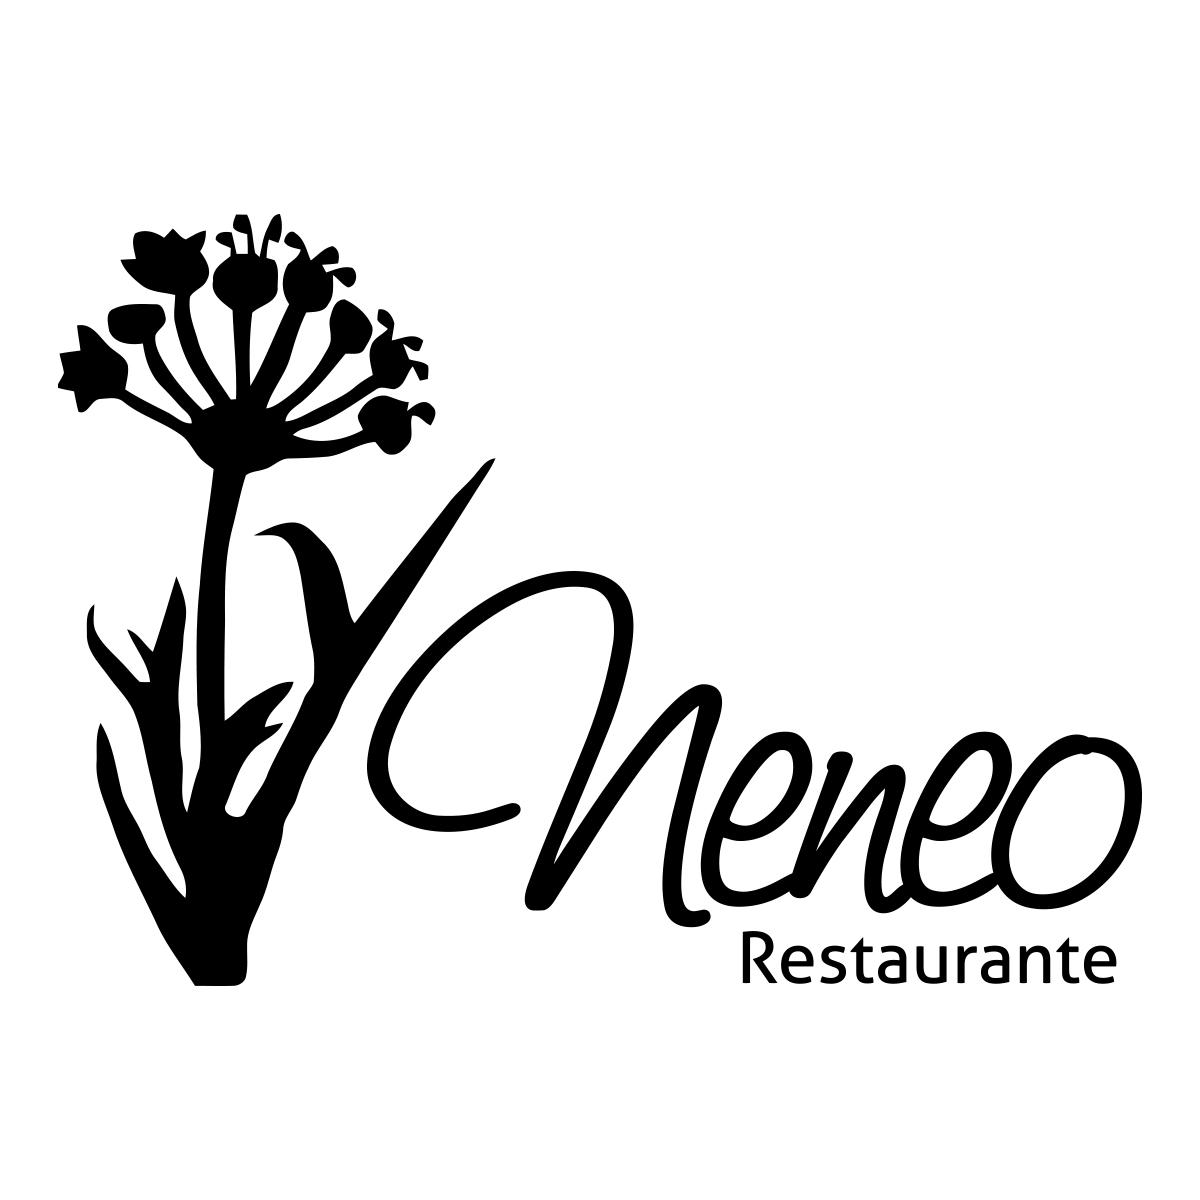 Restaurante Neneo